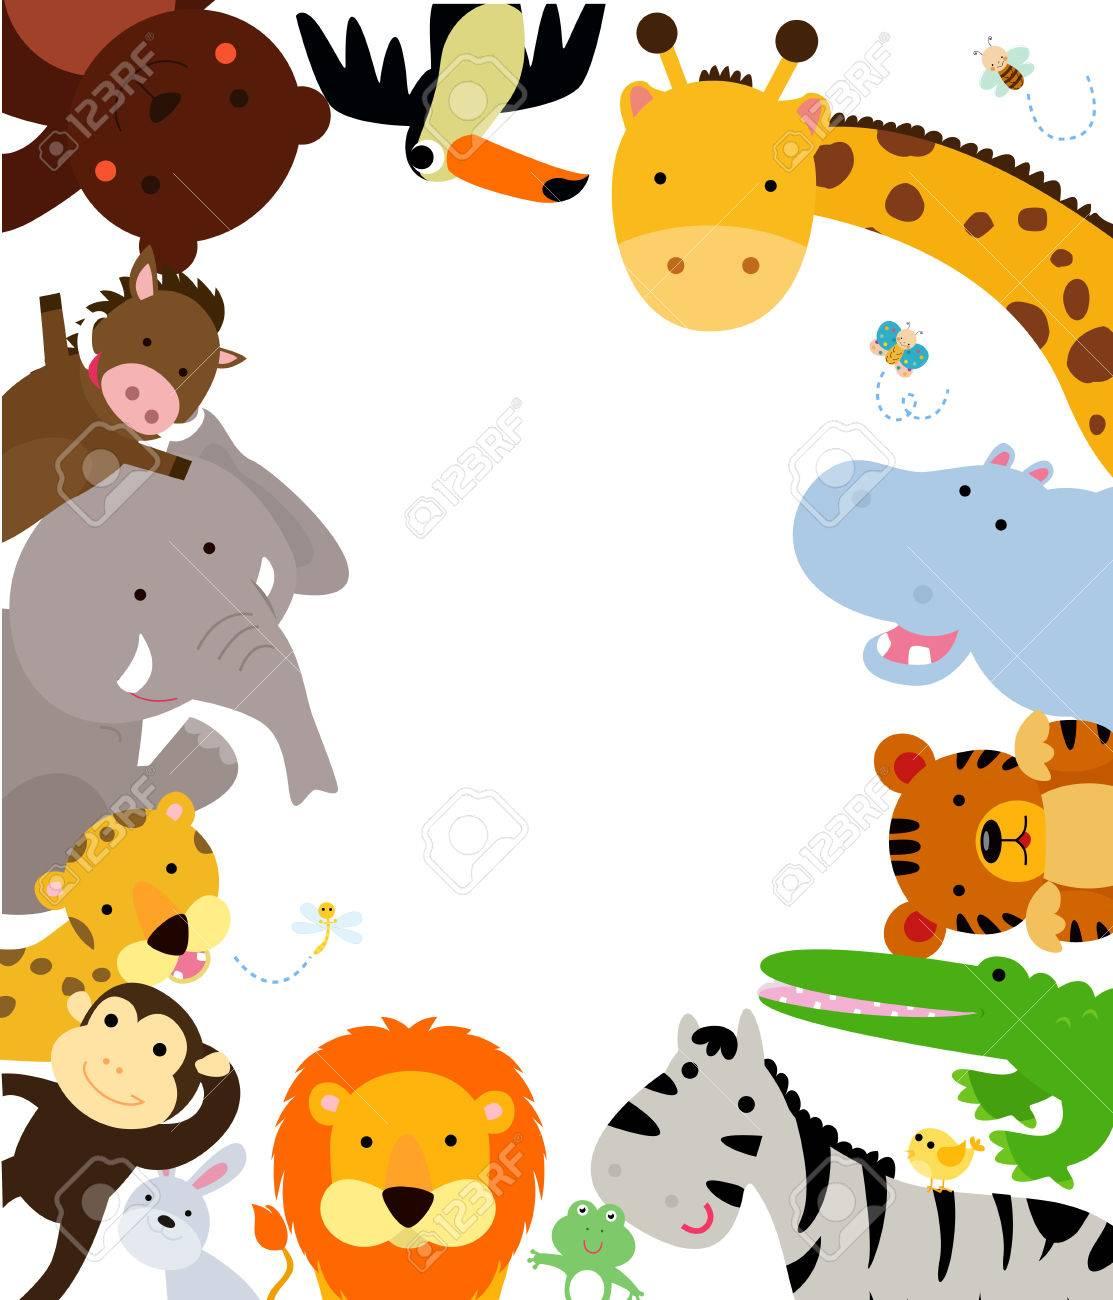 楽しいジャングル動物枠 ロイヤリティフリークリップアート、ベクター